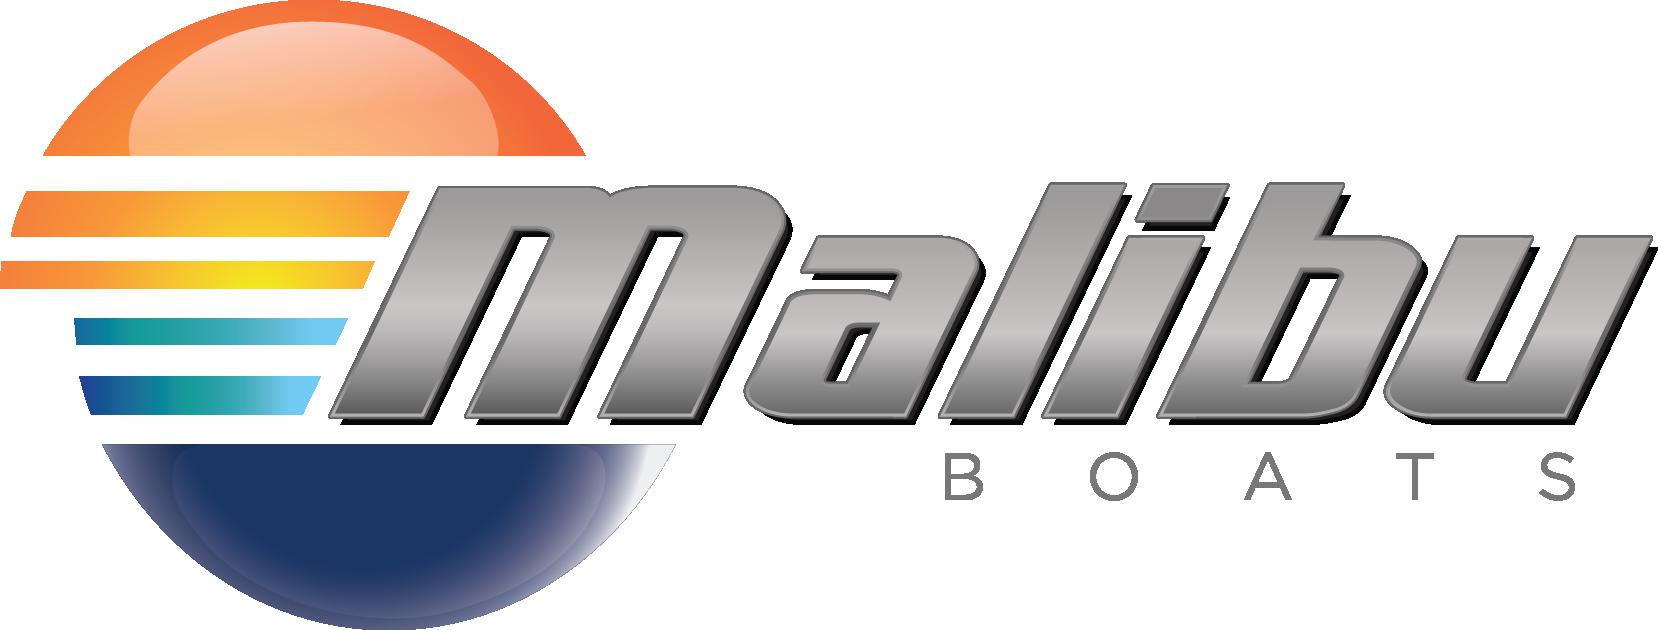 Malibu Vector logo